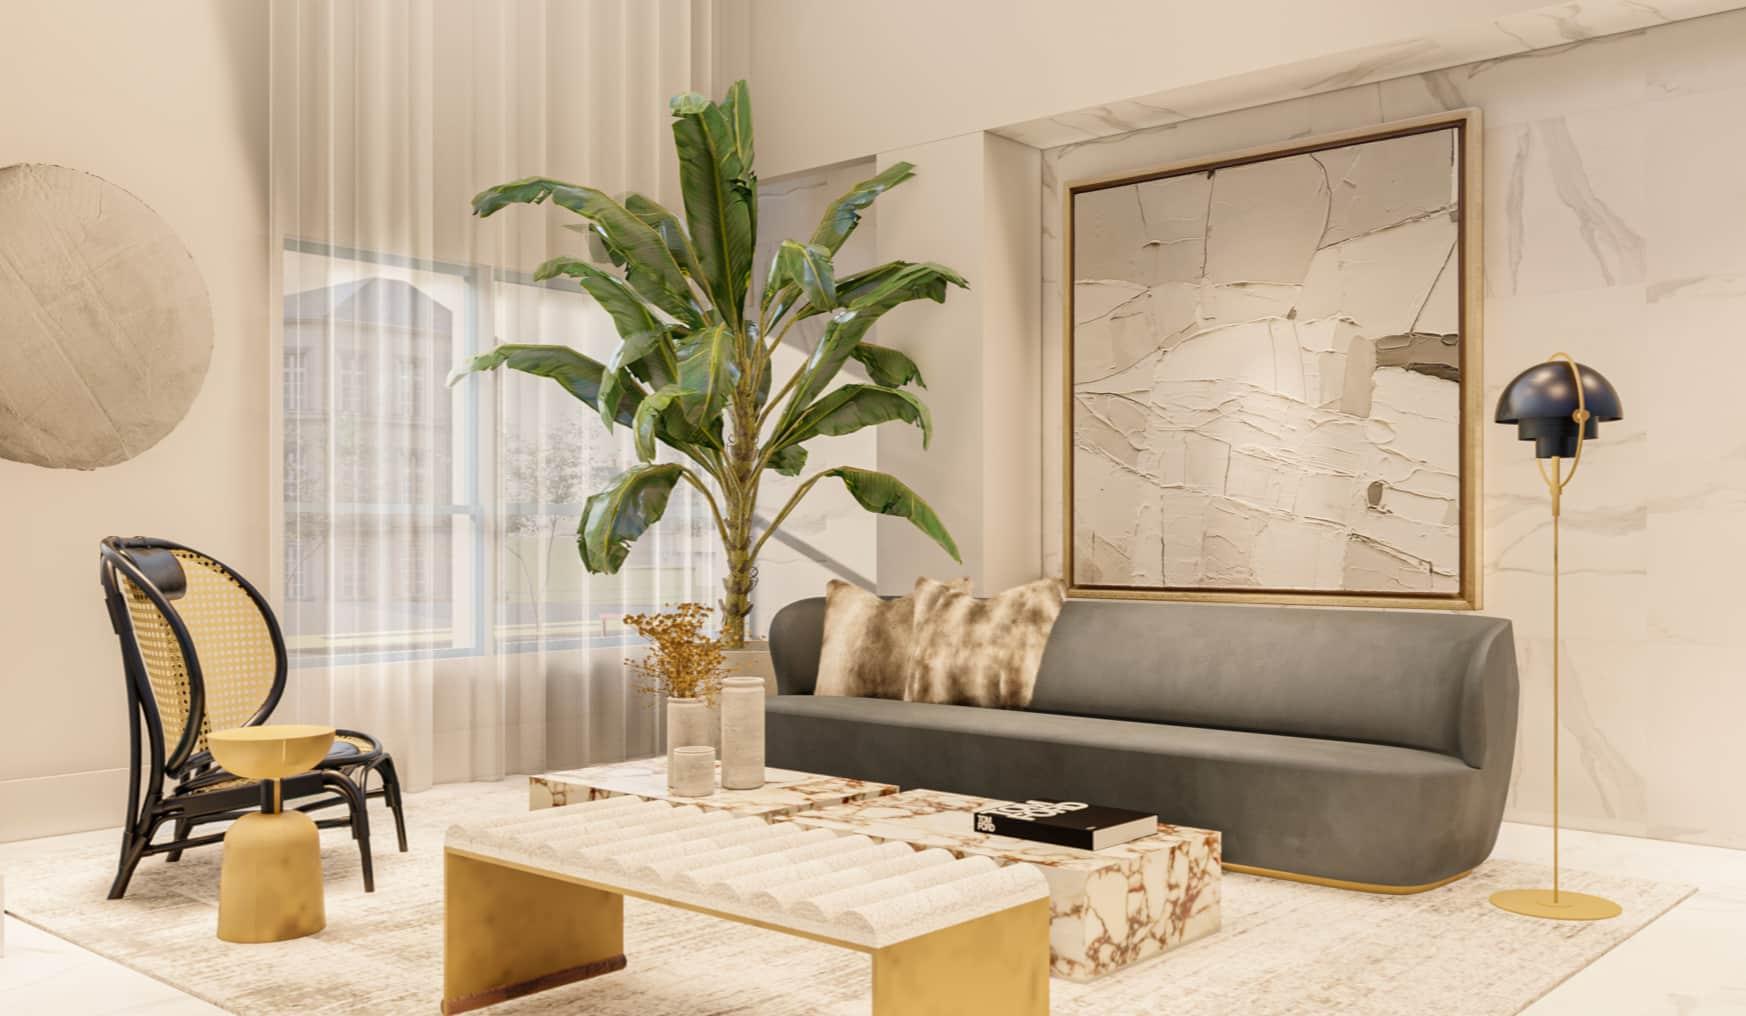 J5 midtown living room